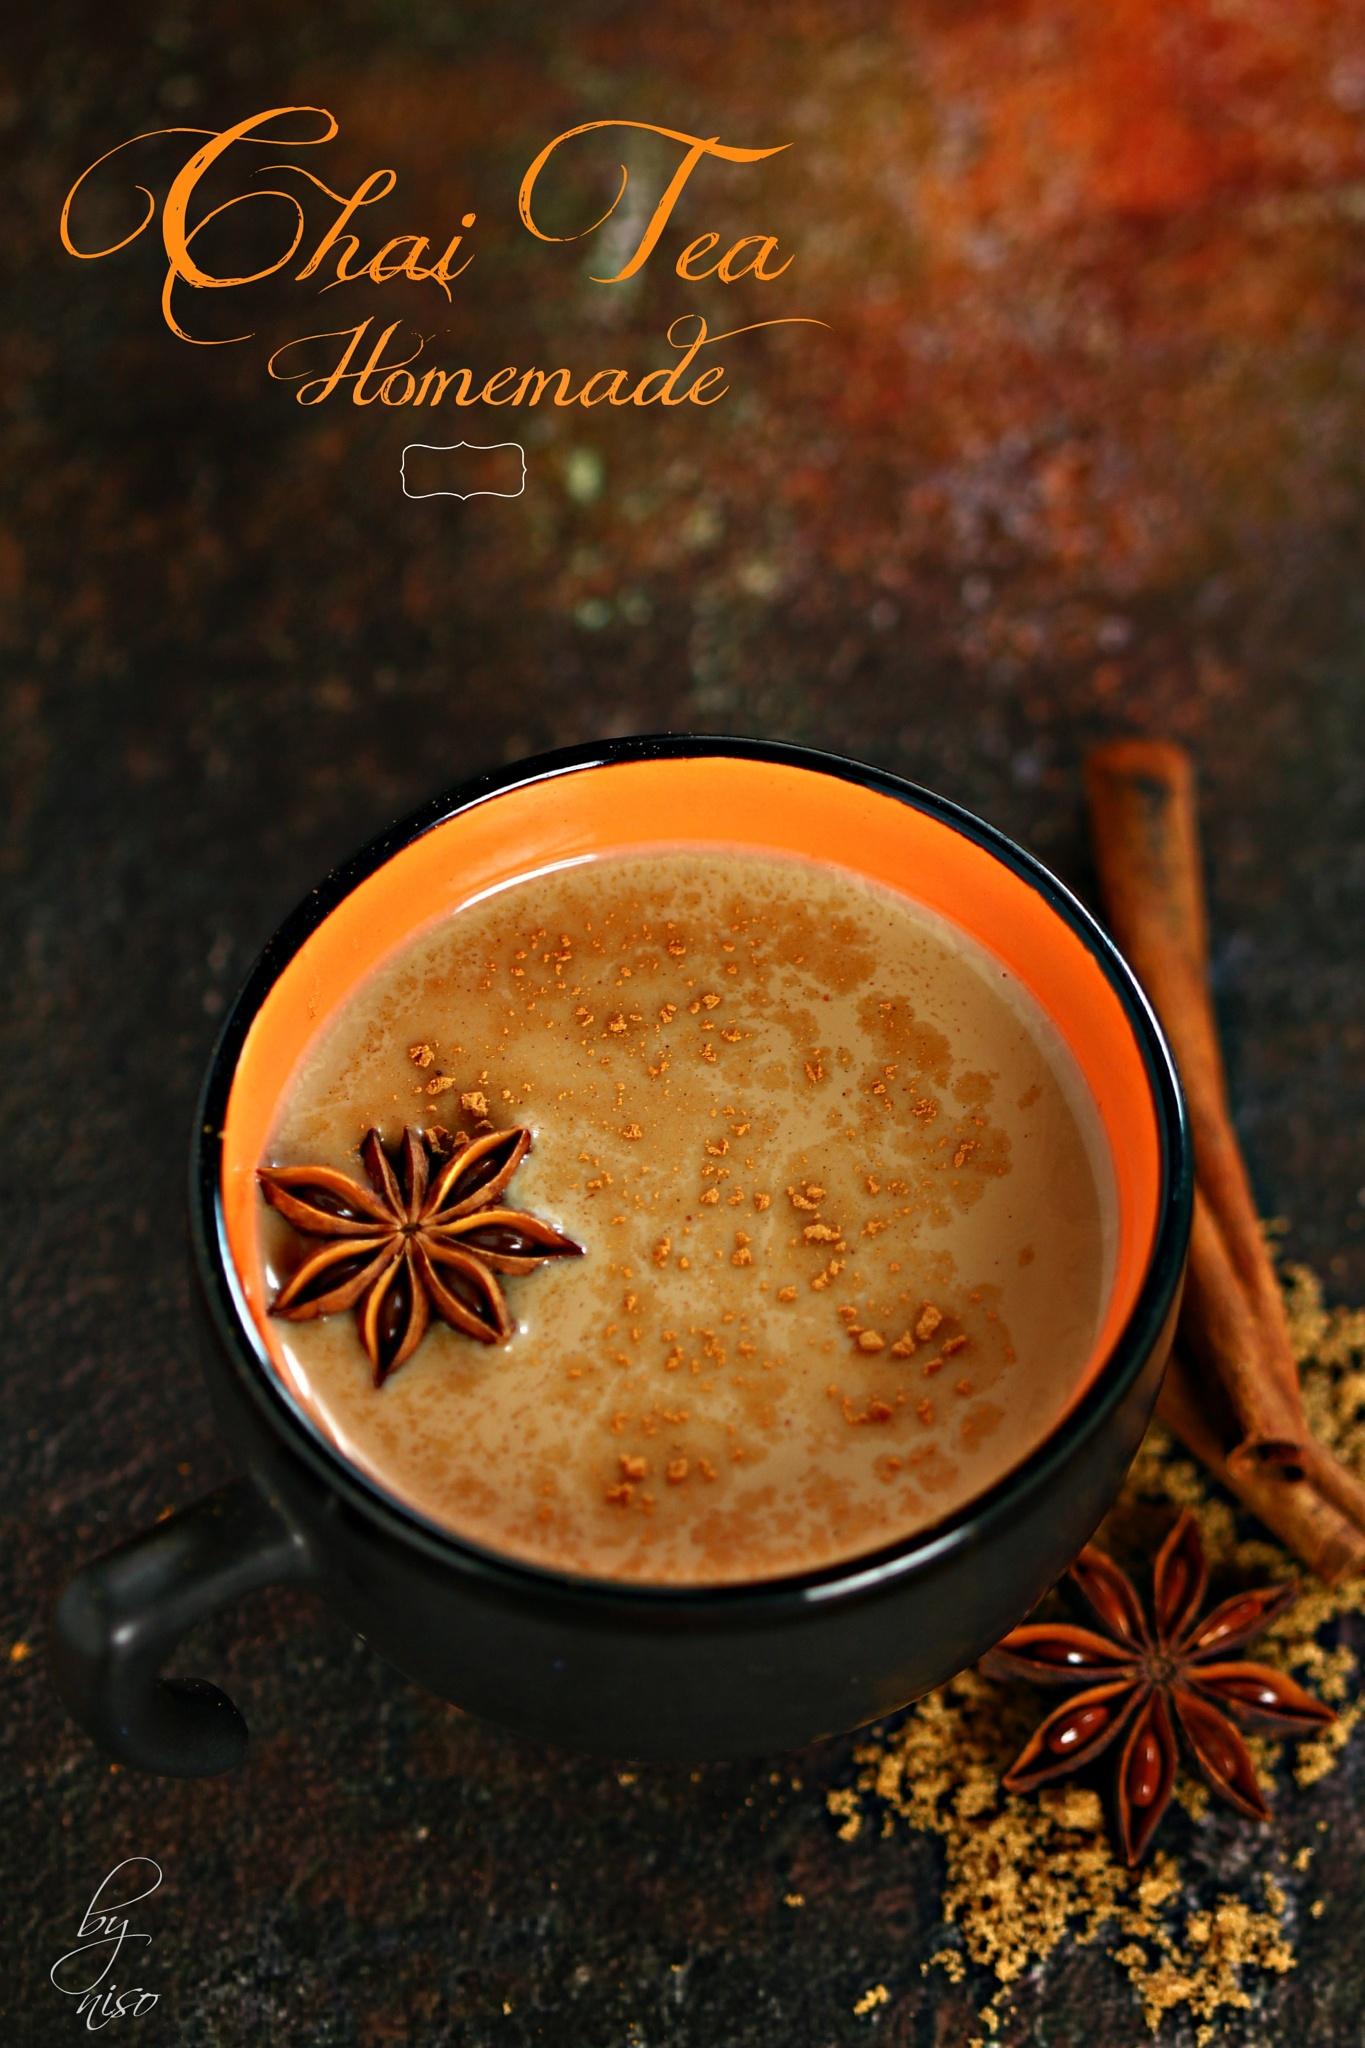 Masla Tea by Nisreen Rahhal